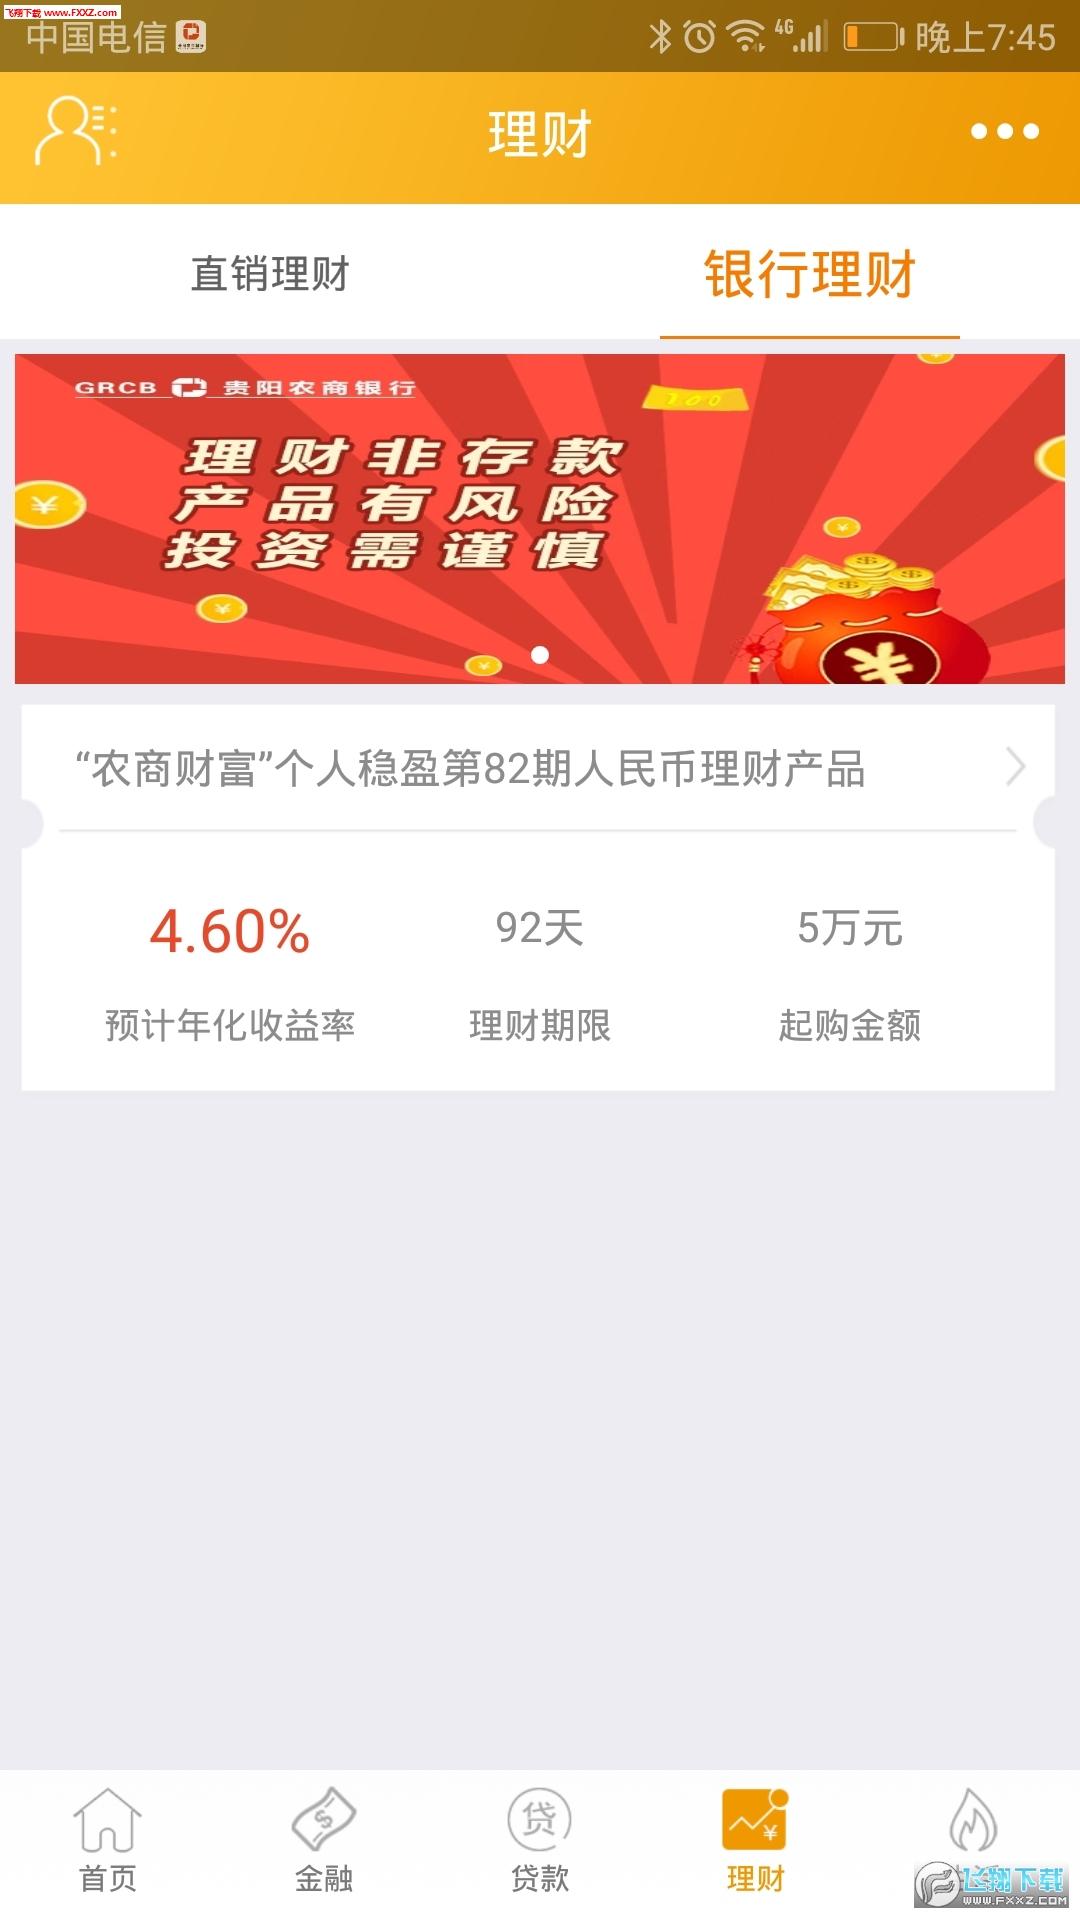 芝米钱包appv2.6.1截图1